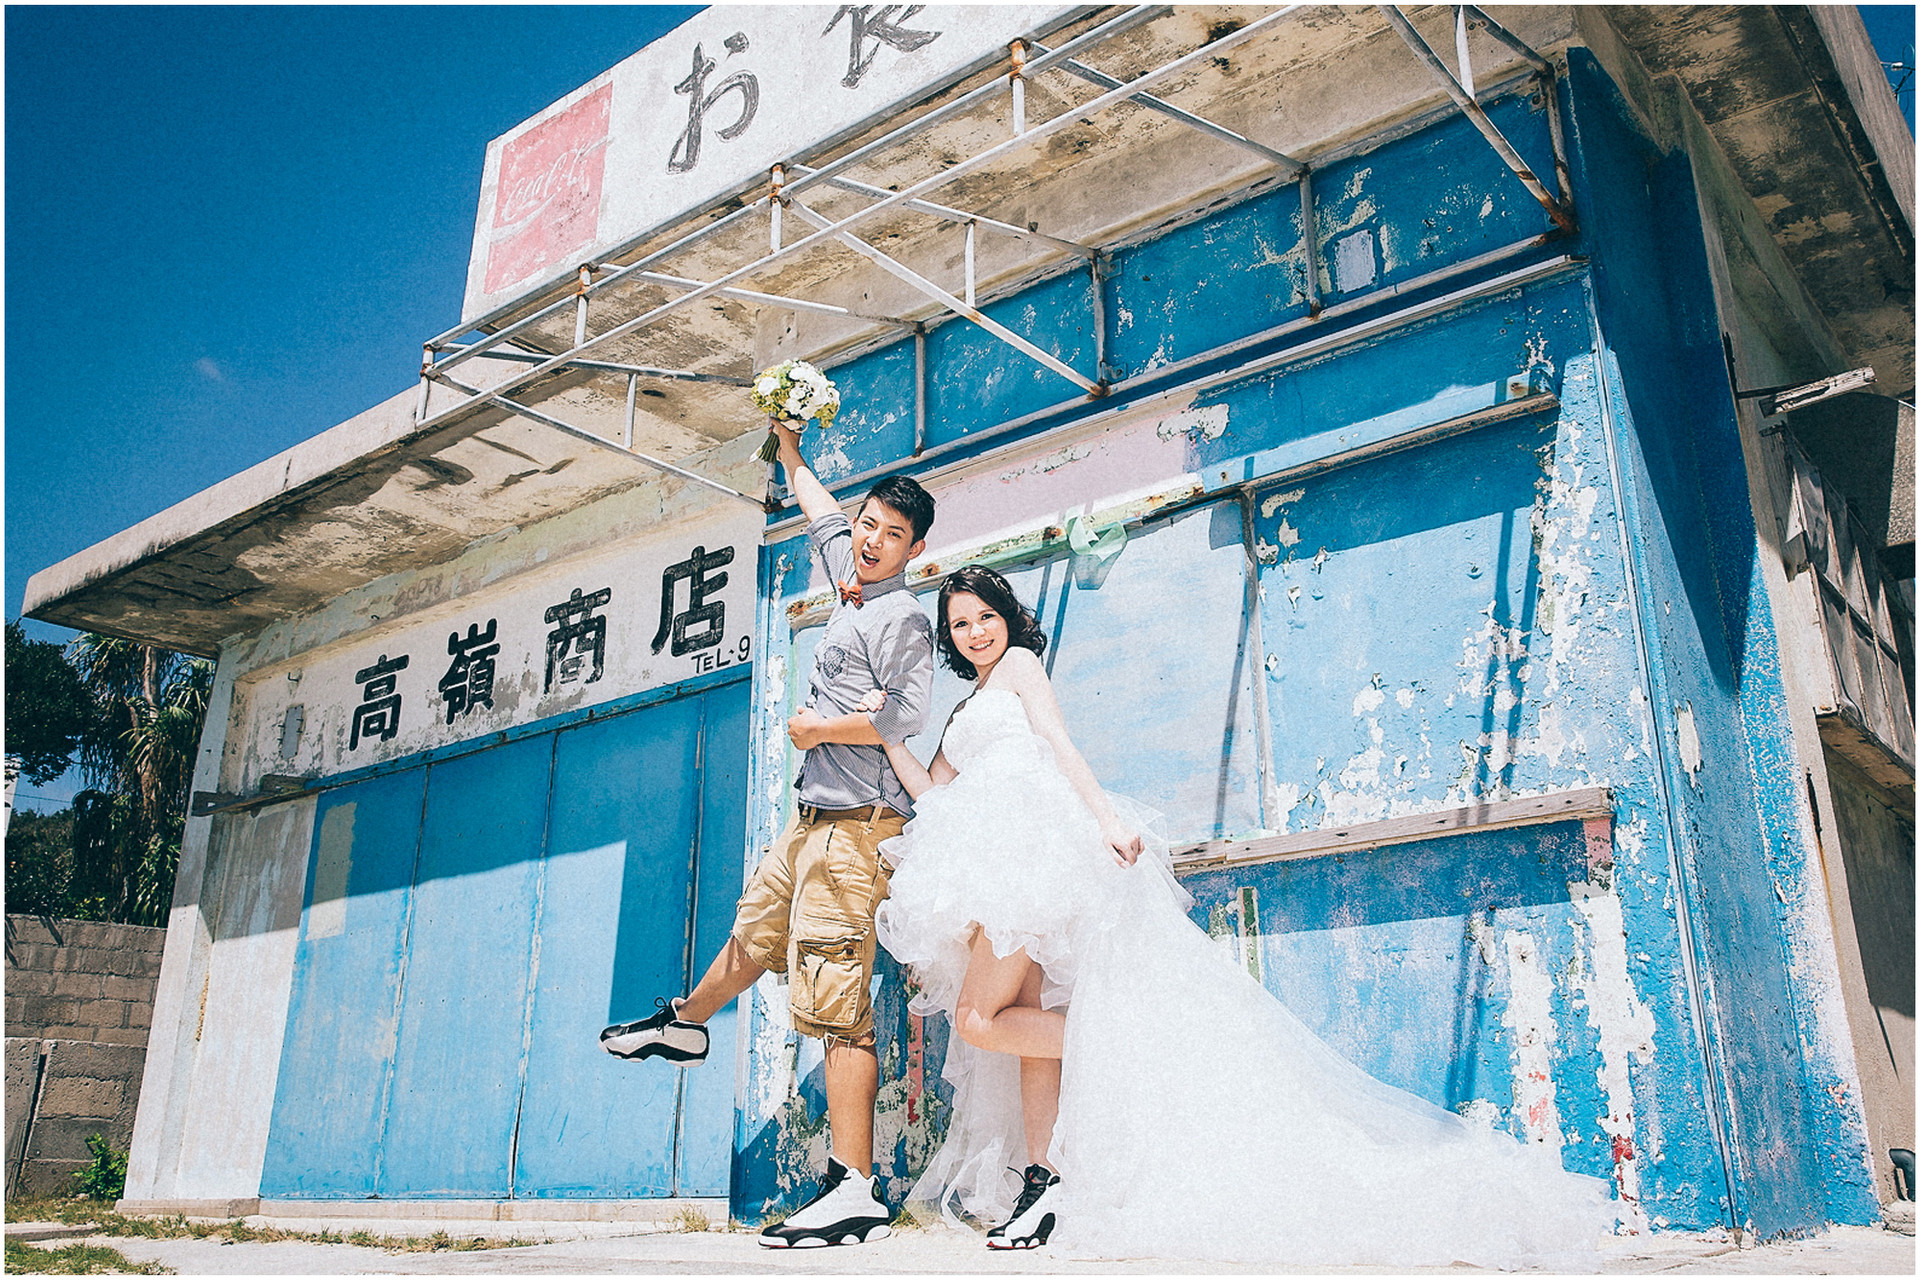 沖繩婚紗 / 海外婚紗 / 古宇利大橋 / 港川外人住宅區 / 新園海灘 / 親子婚紗